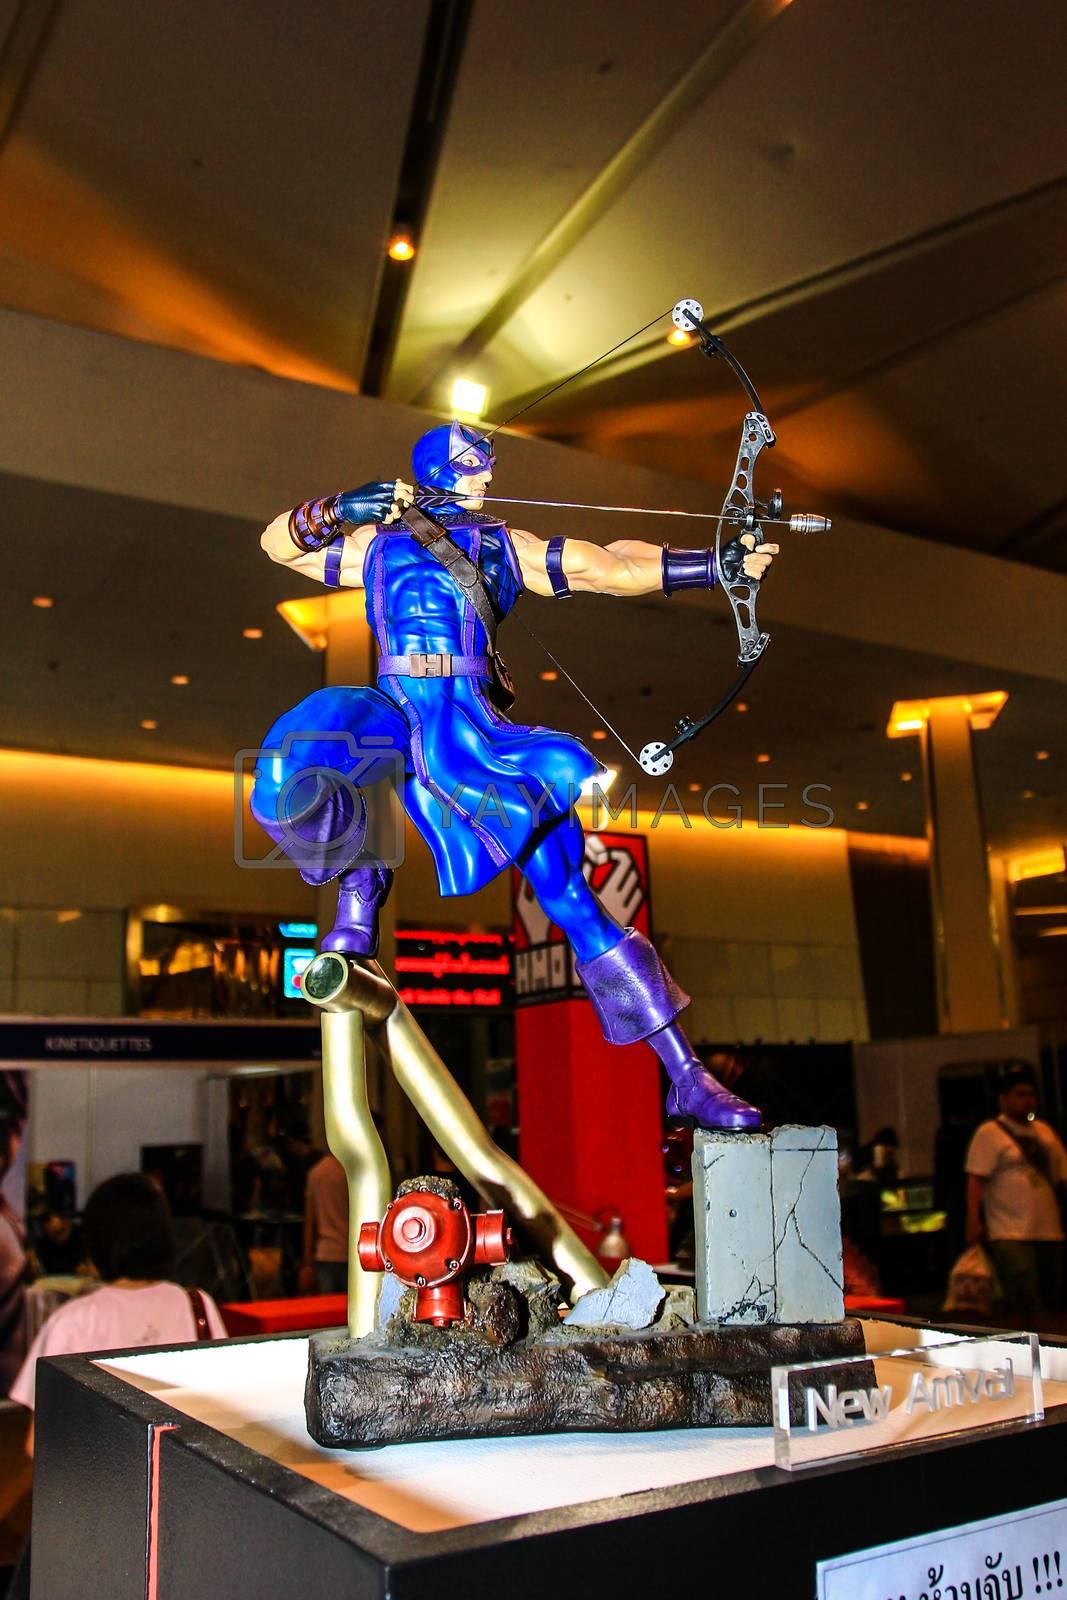 Bangkok - May 2: A Hawkeye model in Thailand Comic Con 2015 on May 2, 2015 at Siam Paragon, Bangkok, Thailand.